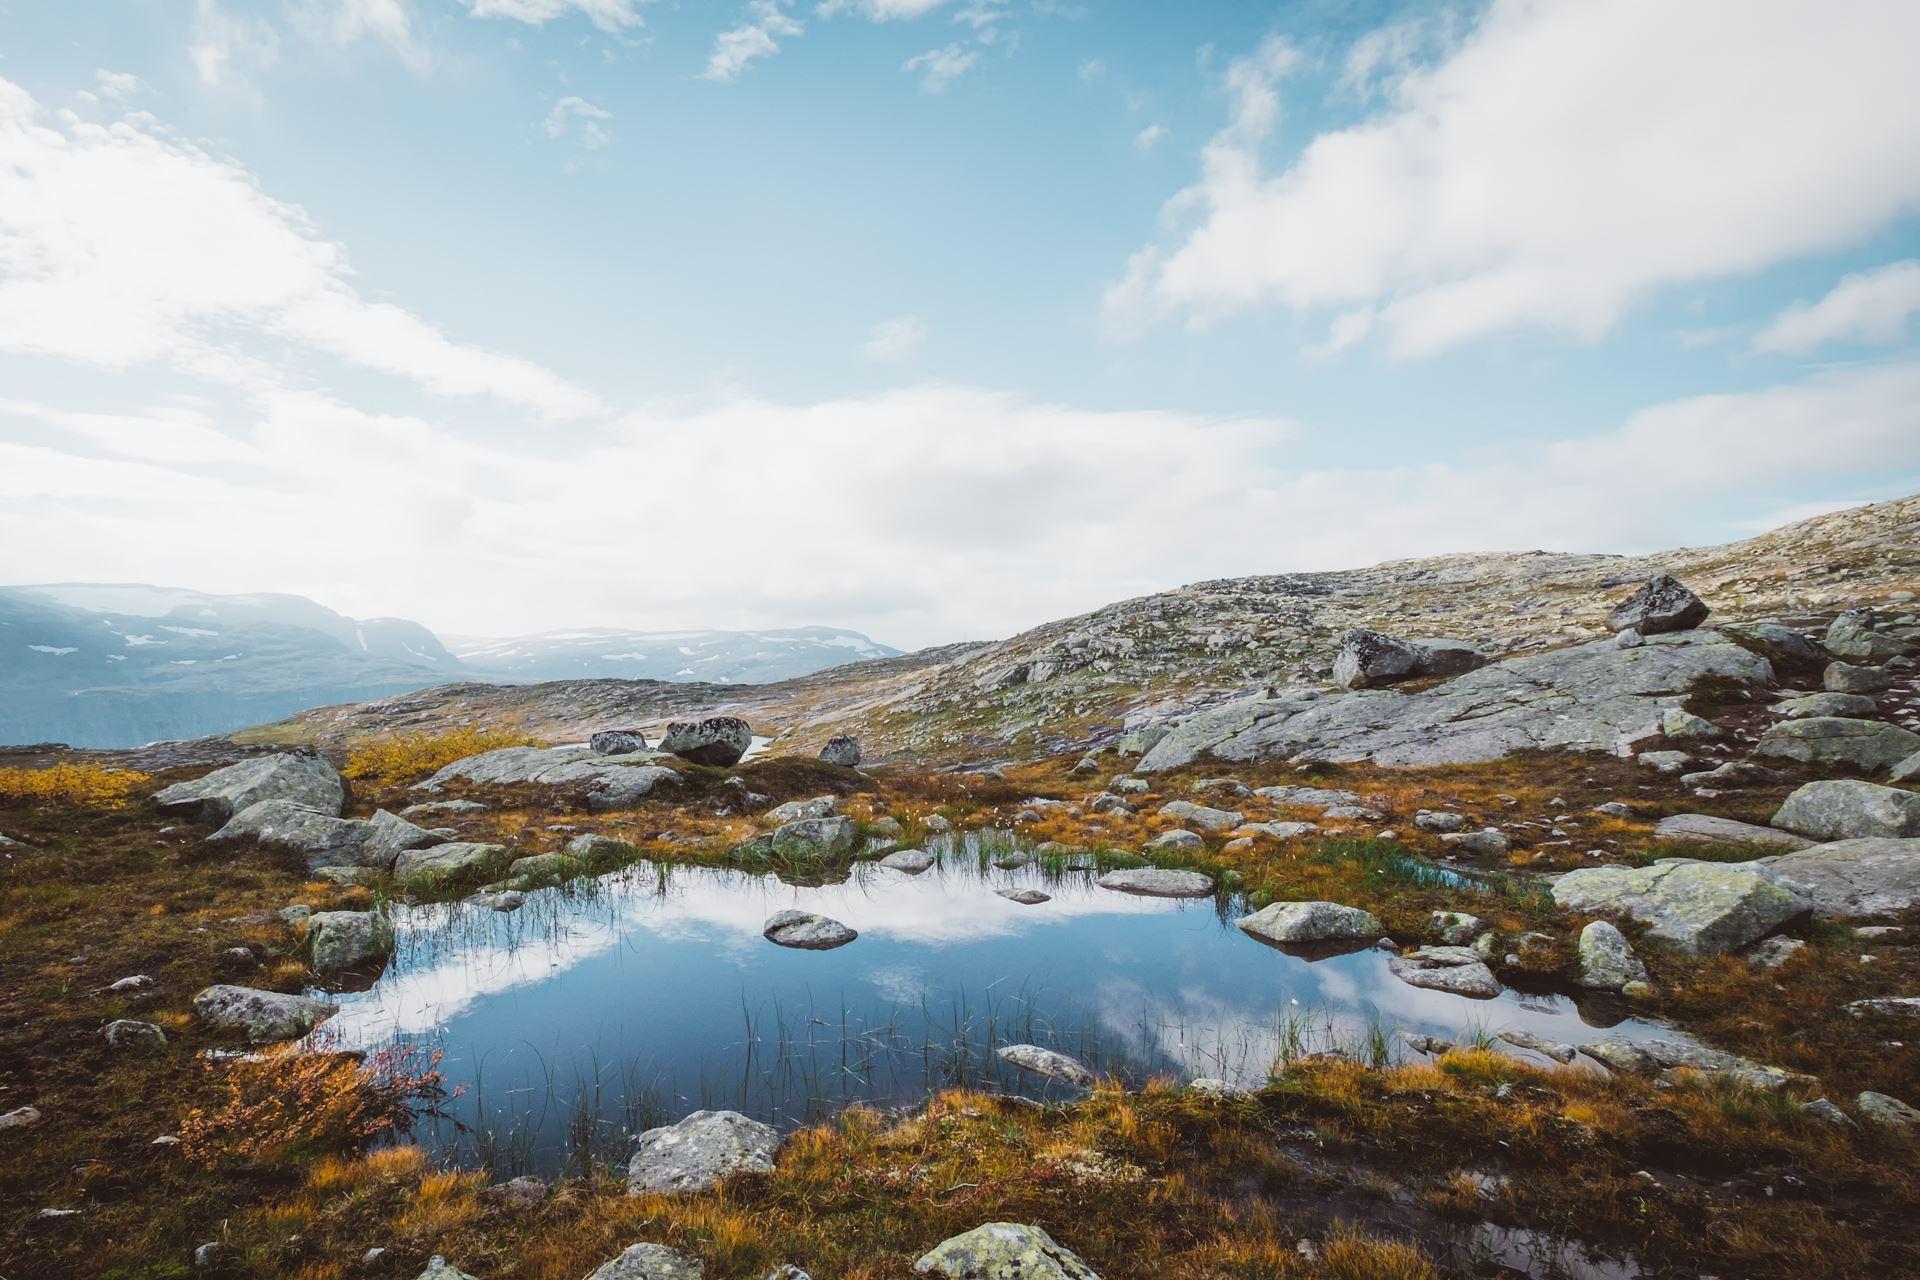 © Outdoor Norway, Guida vandretur til Oksen i Hardanger